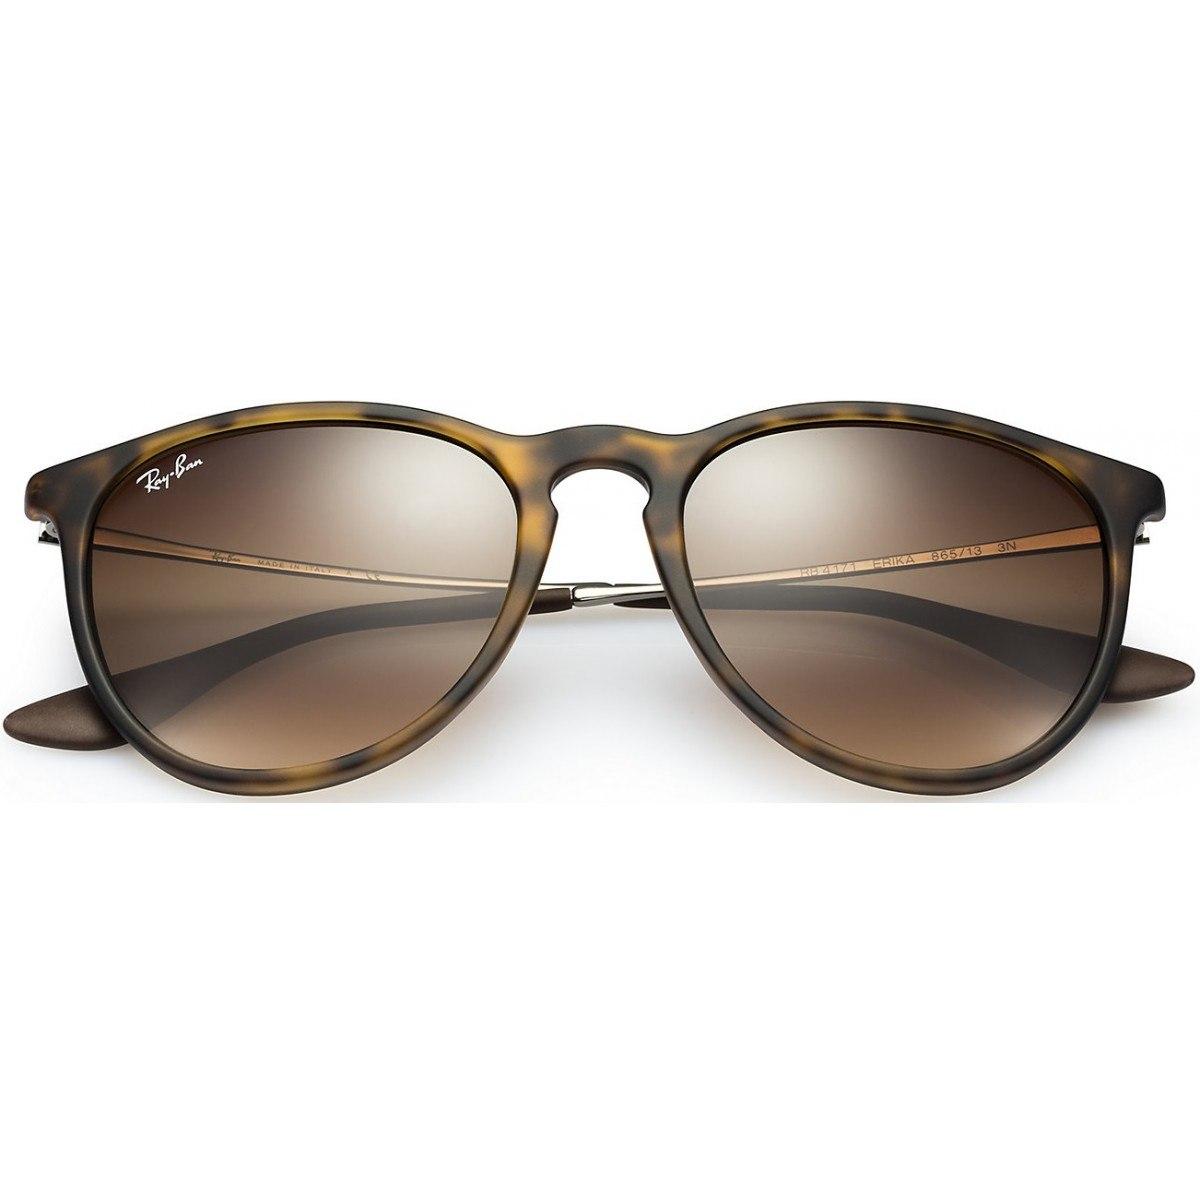 ray ban solbriller på tilbud